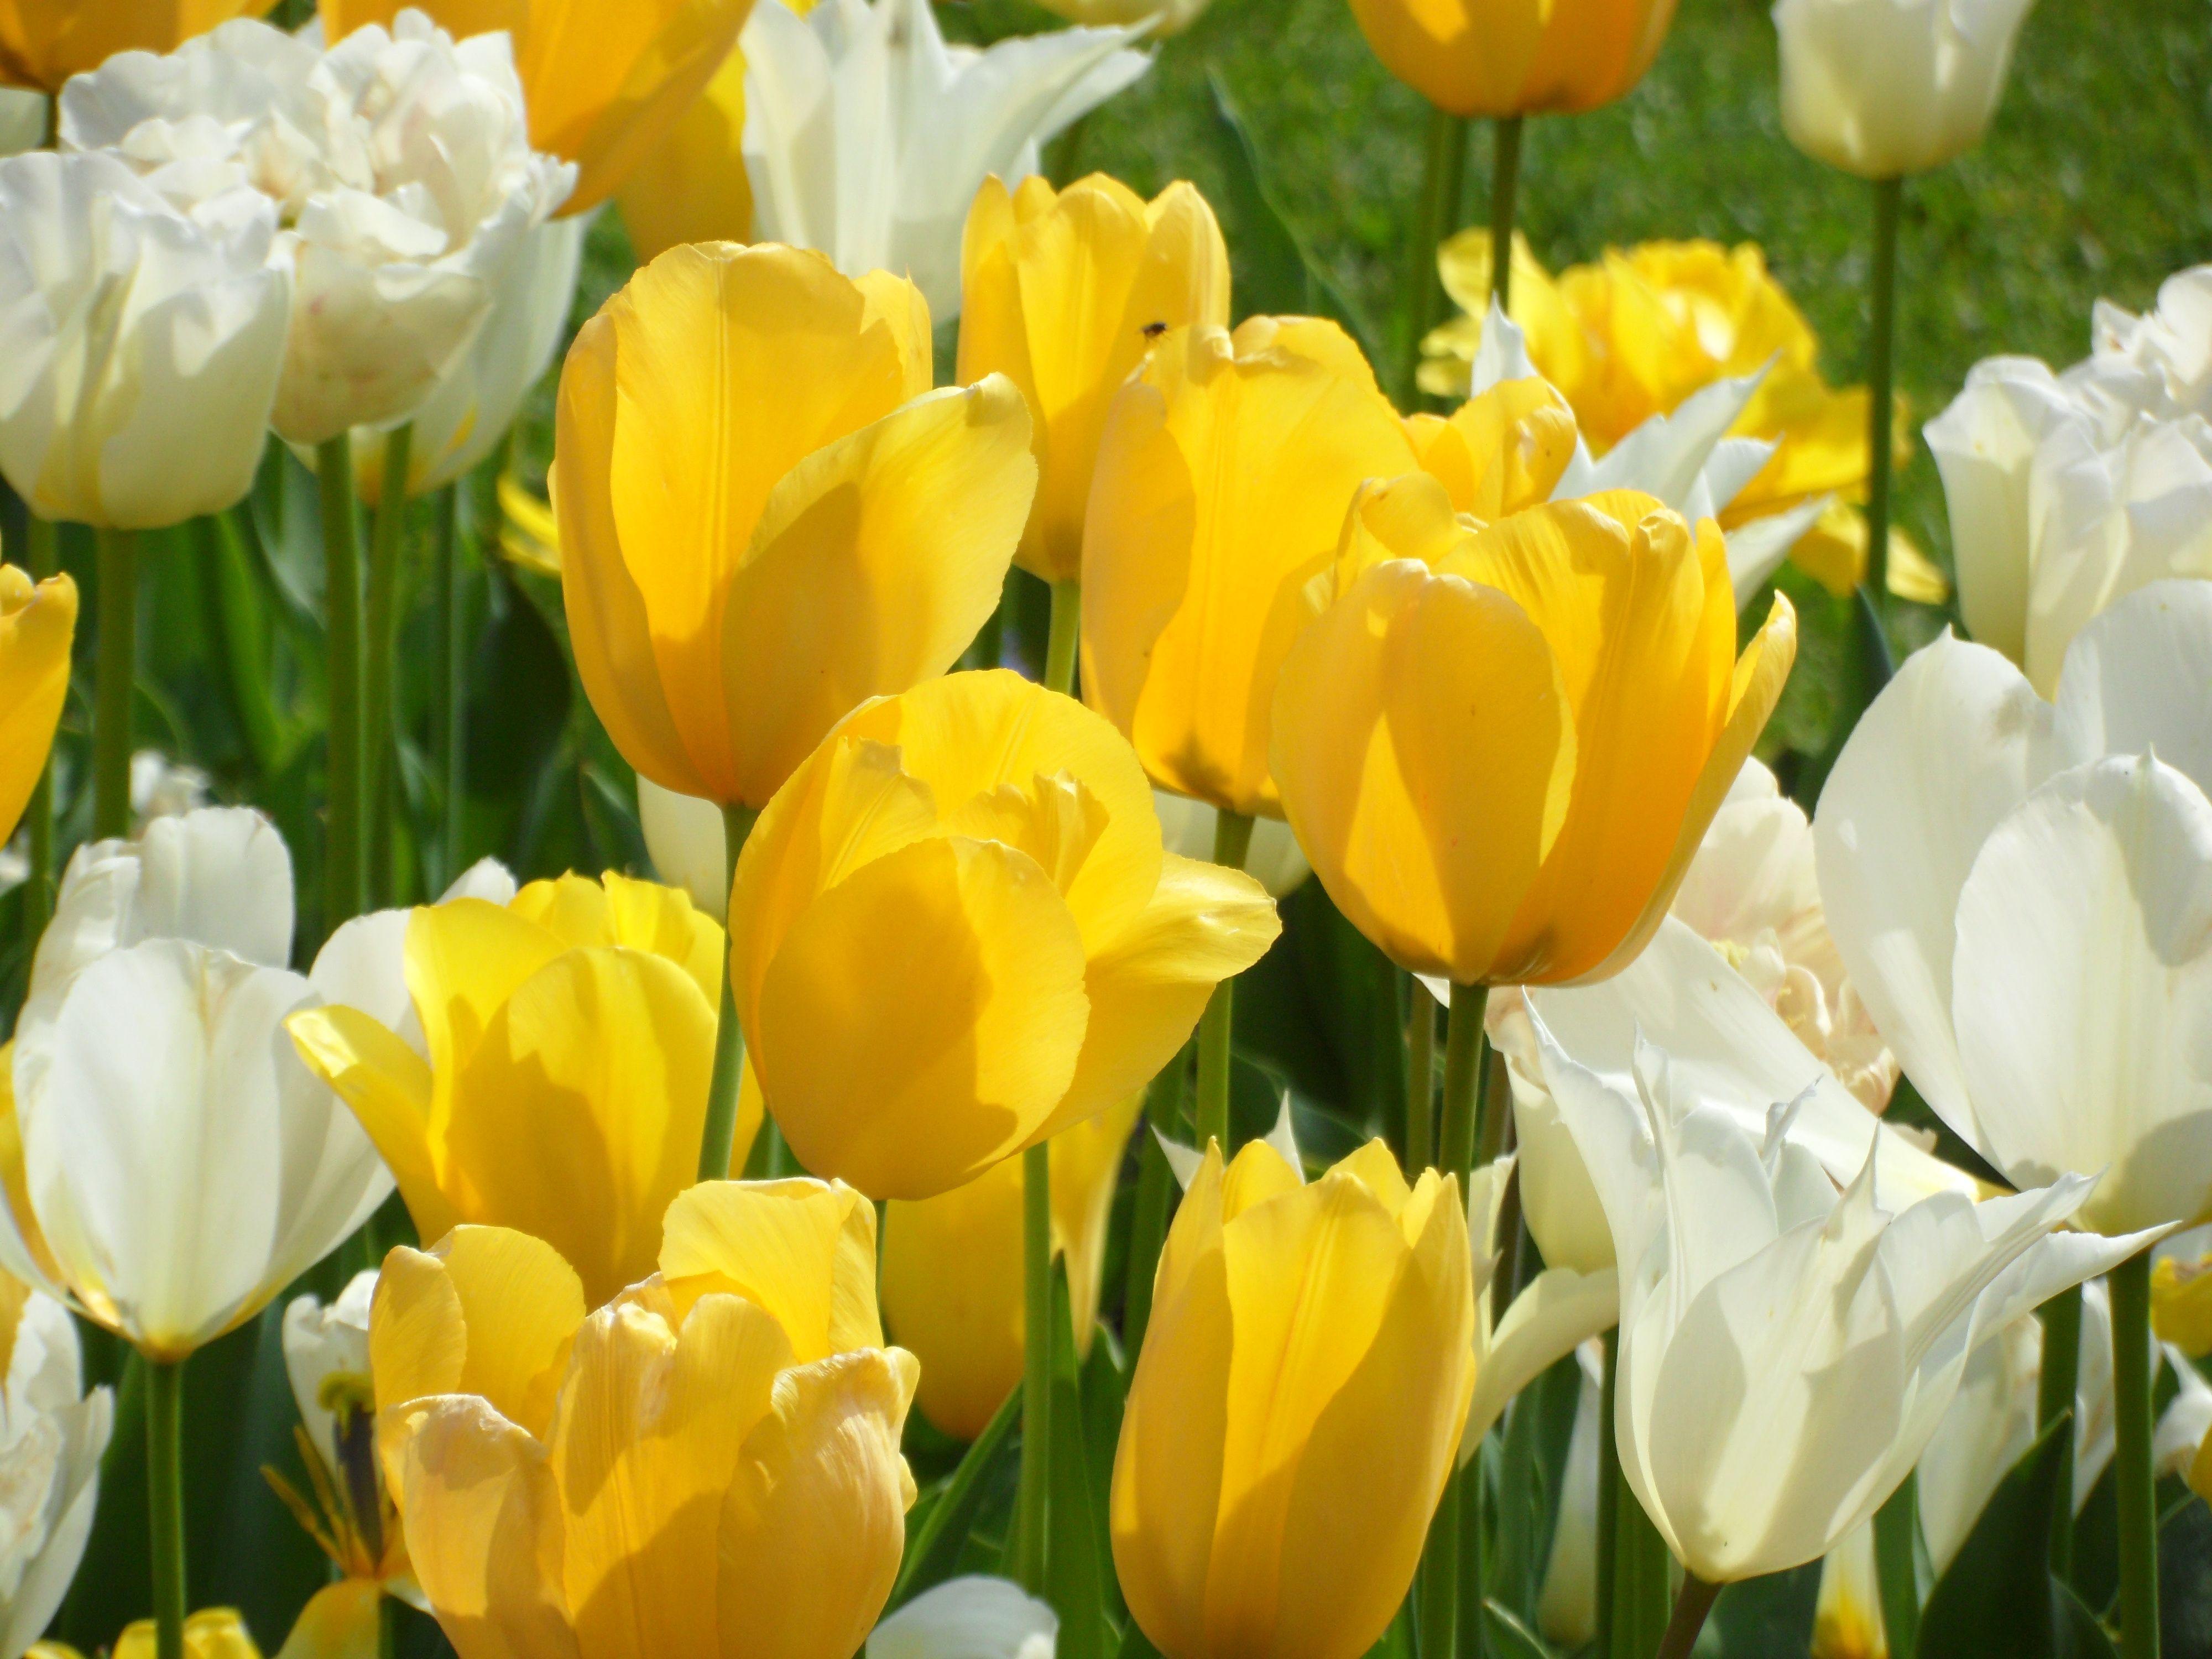 """Gelbe Tulpen weisen den """"Wandlern"""" den Weg zum Blütenpollen. Freue mich auf Eure Post! http://www.christina-dabrowski.com/#!blog/c1ckt"""